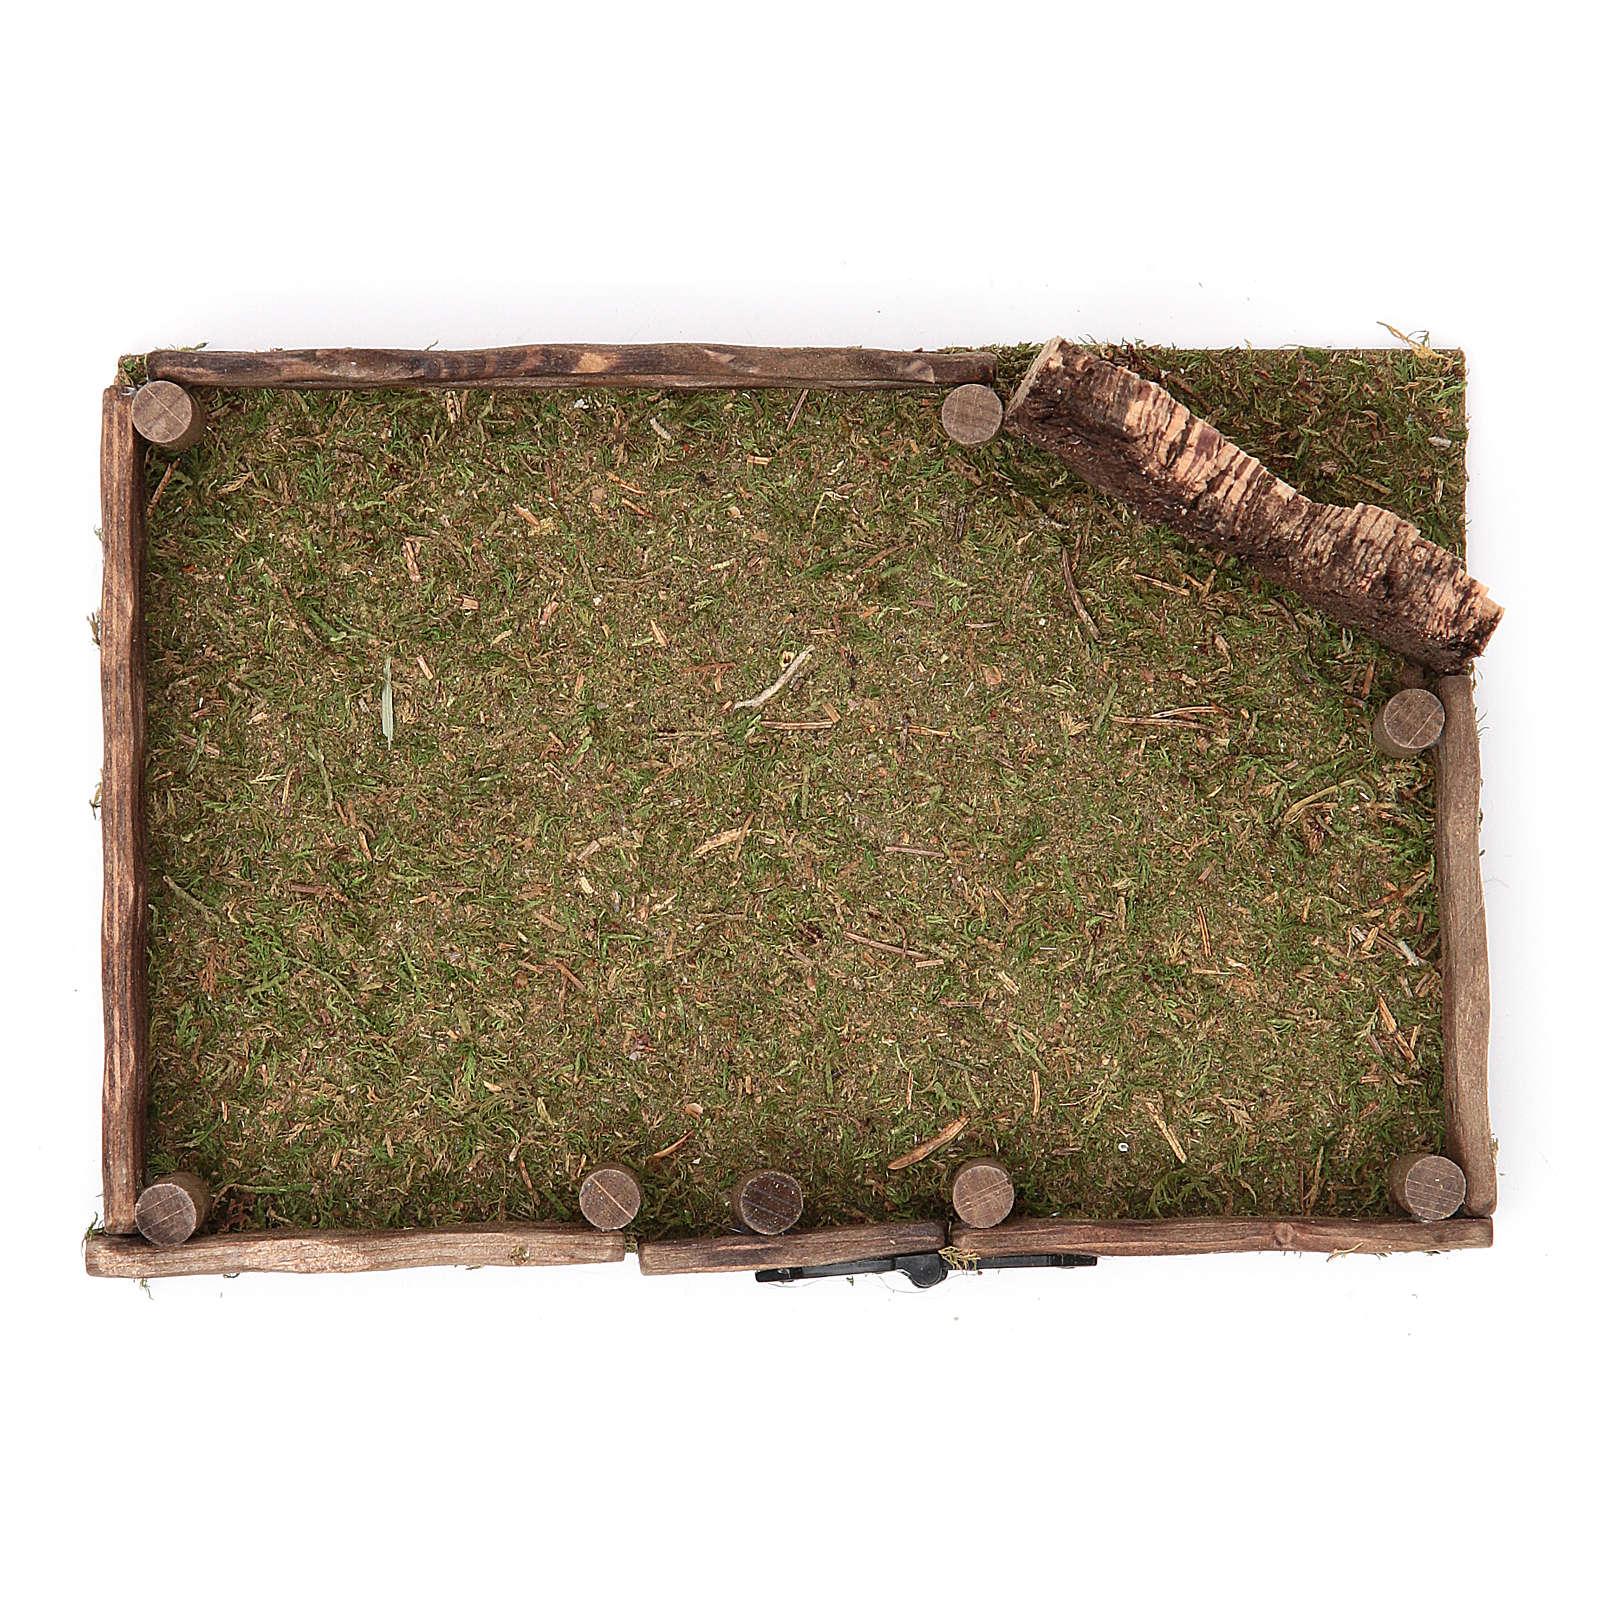 Ogrodzenie z drewna szopka 12x18 cm 4